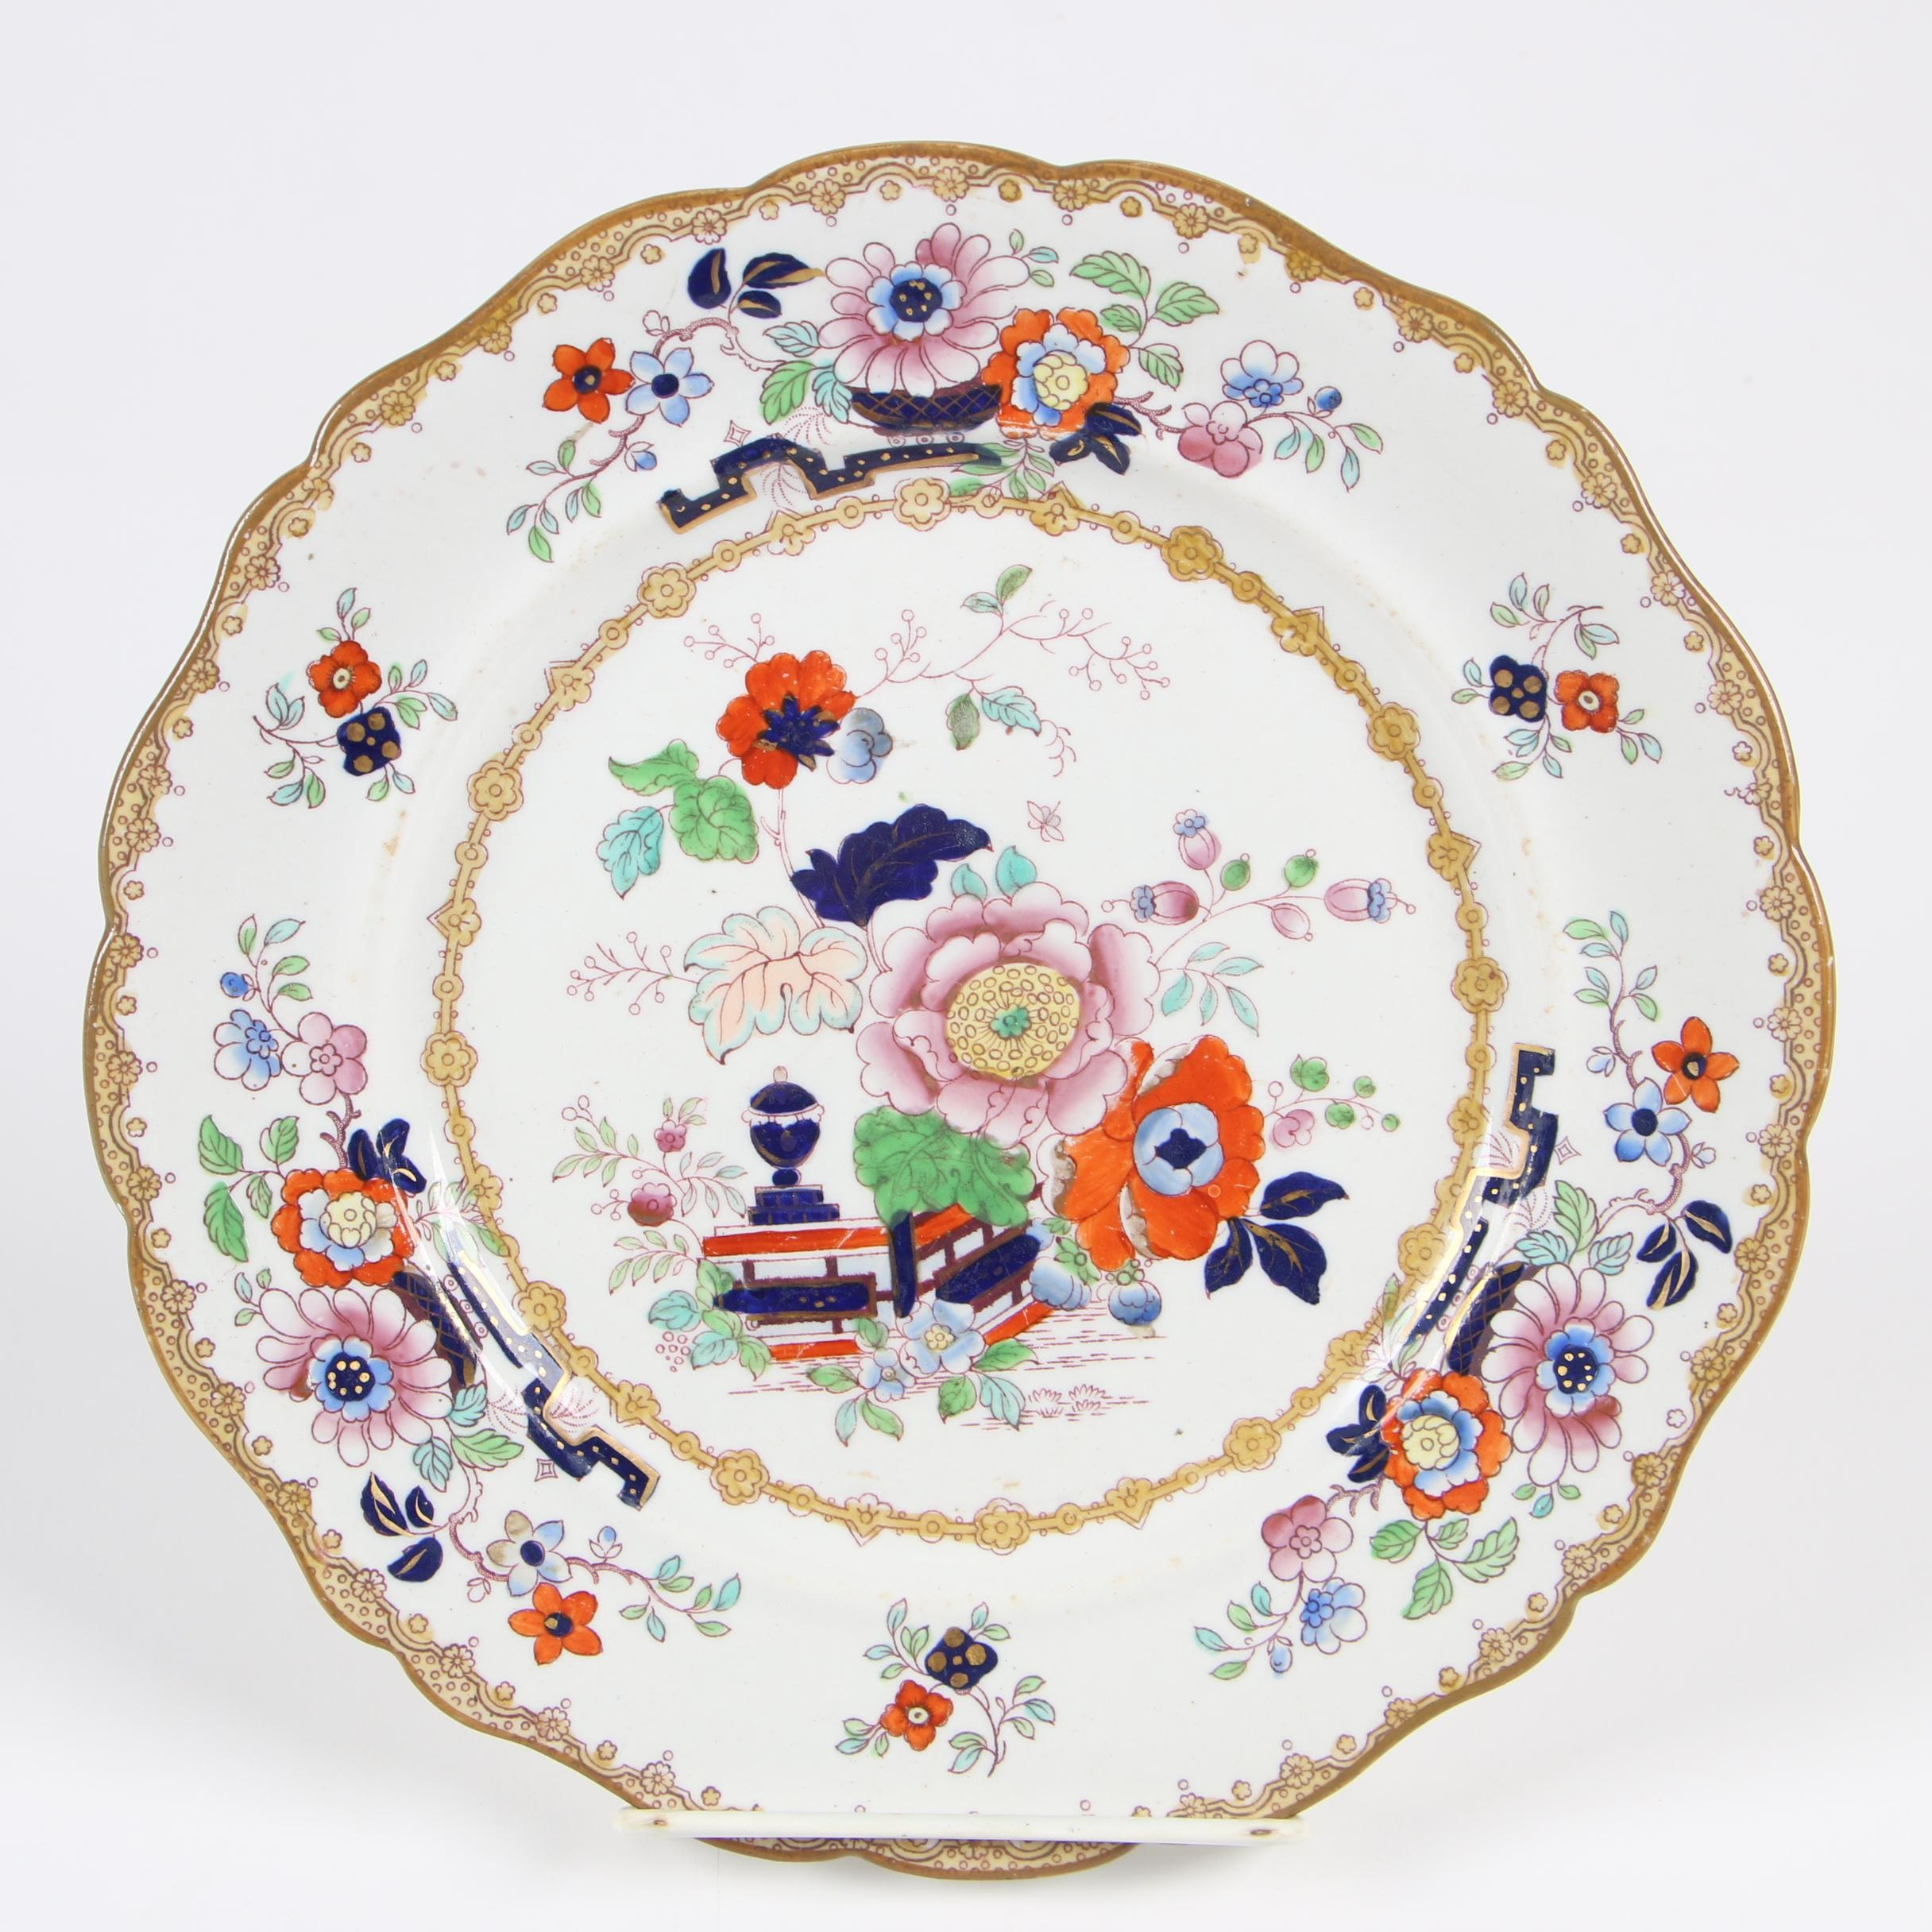 Ashworth English Ironstone China Plate, Late 19th Century